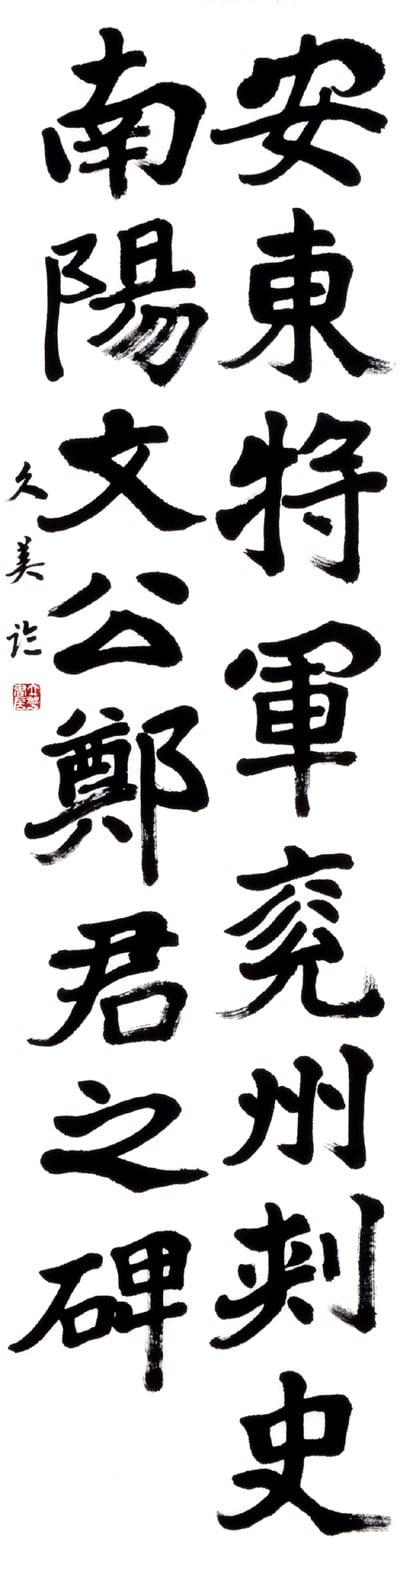 2020年【公募】第49回全書芸展 推選・70周年記念賞 水野久美